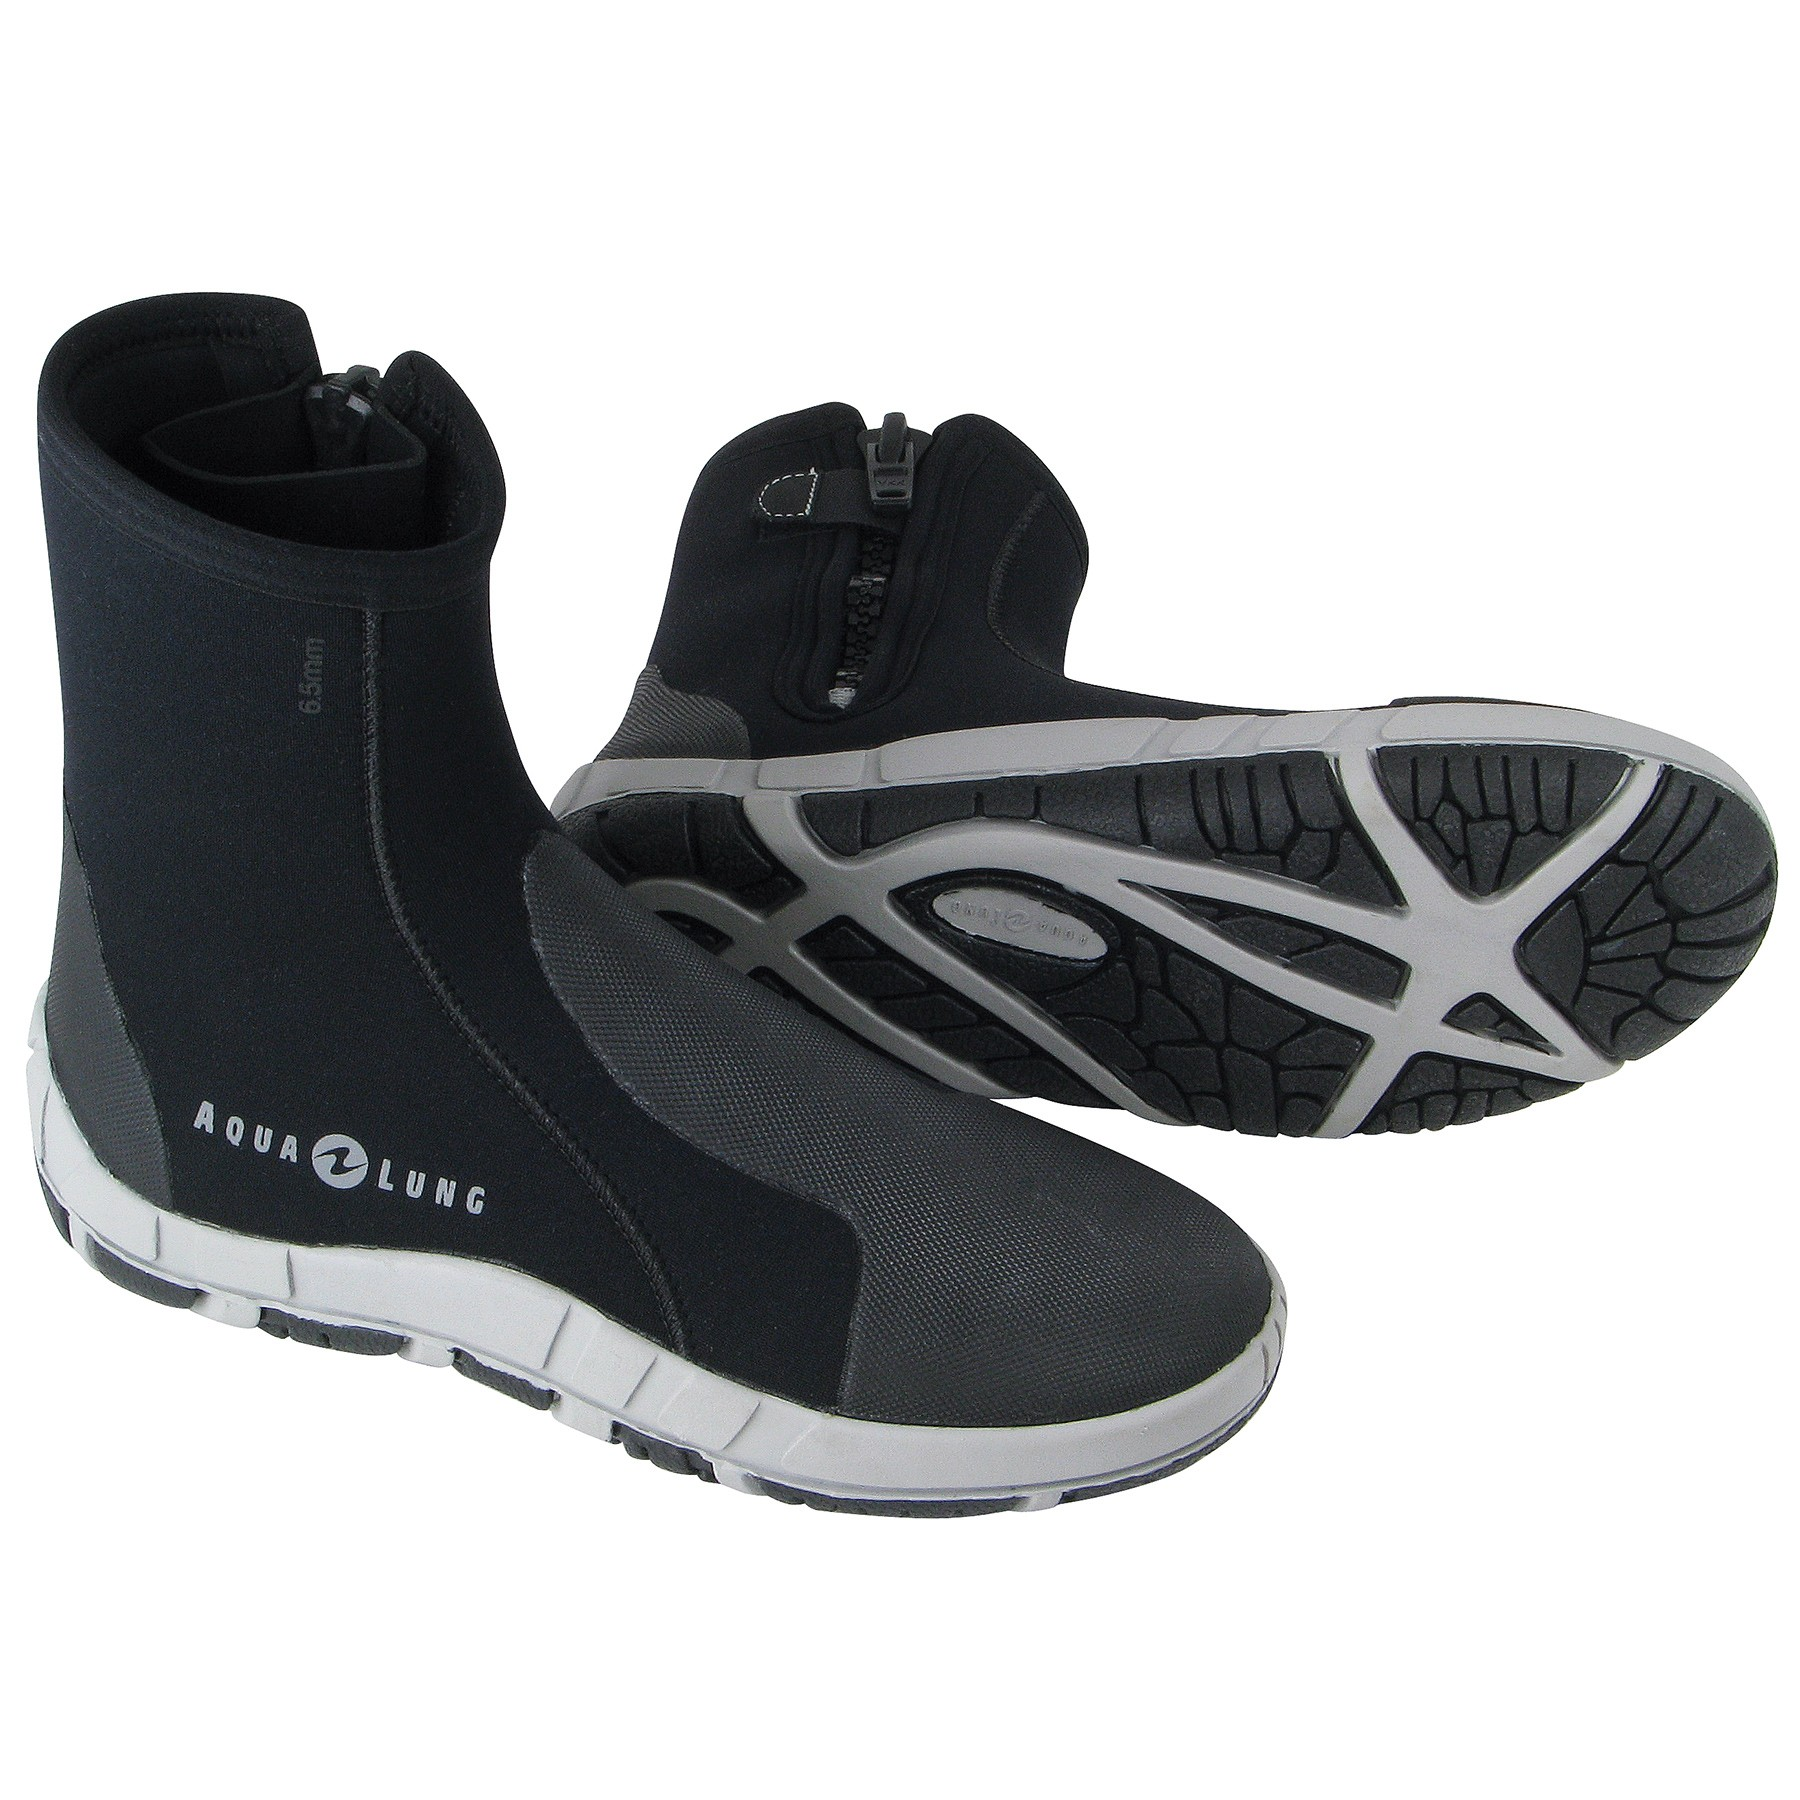 Aqua Lung Manta Dive Boots